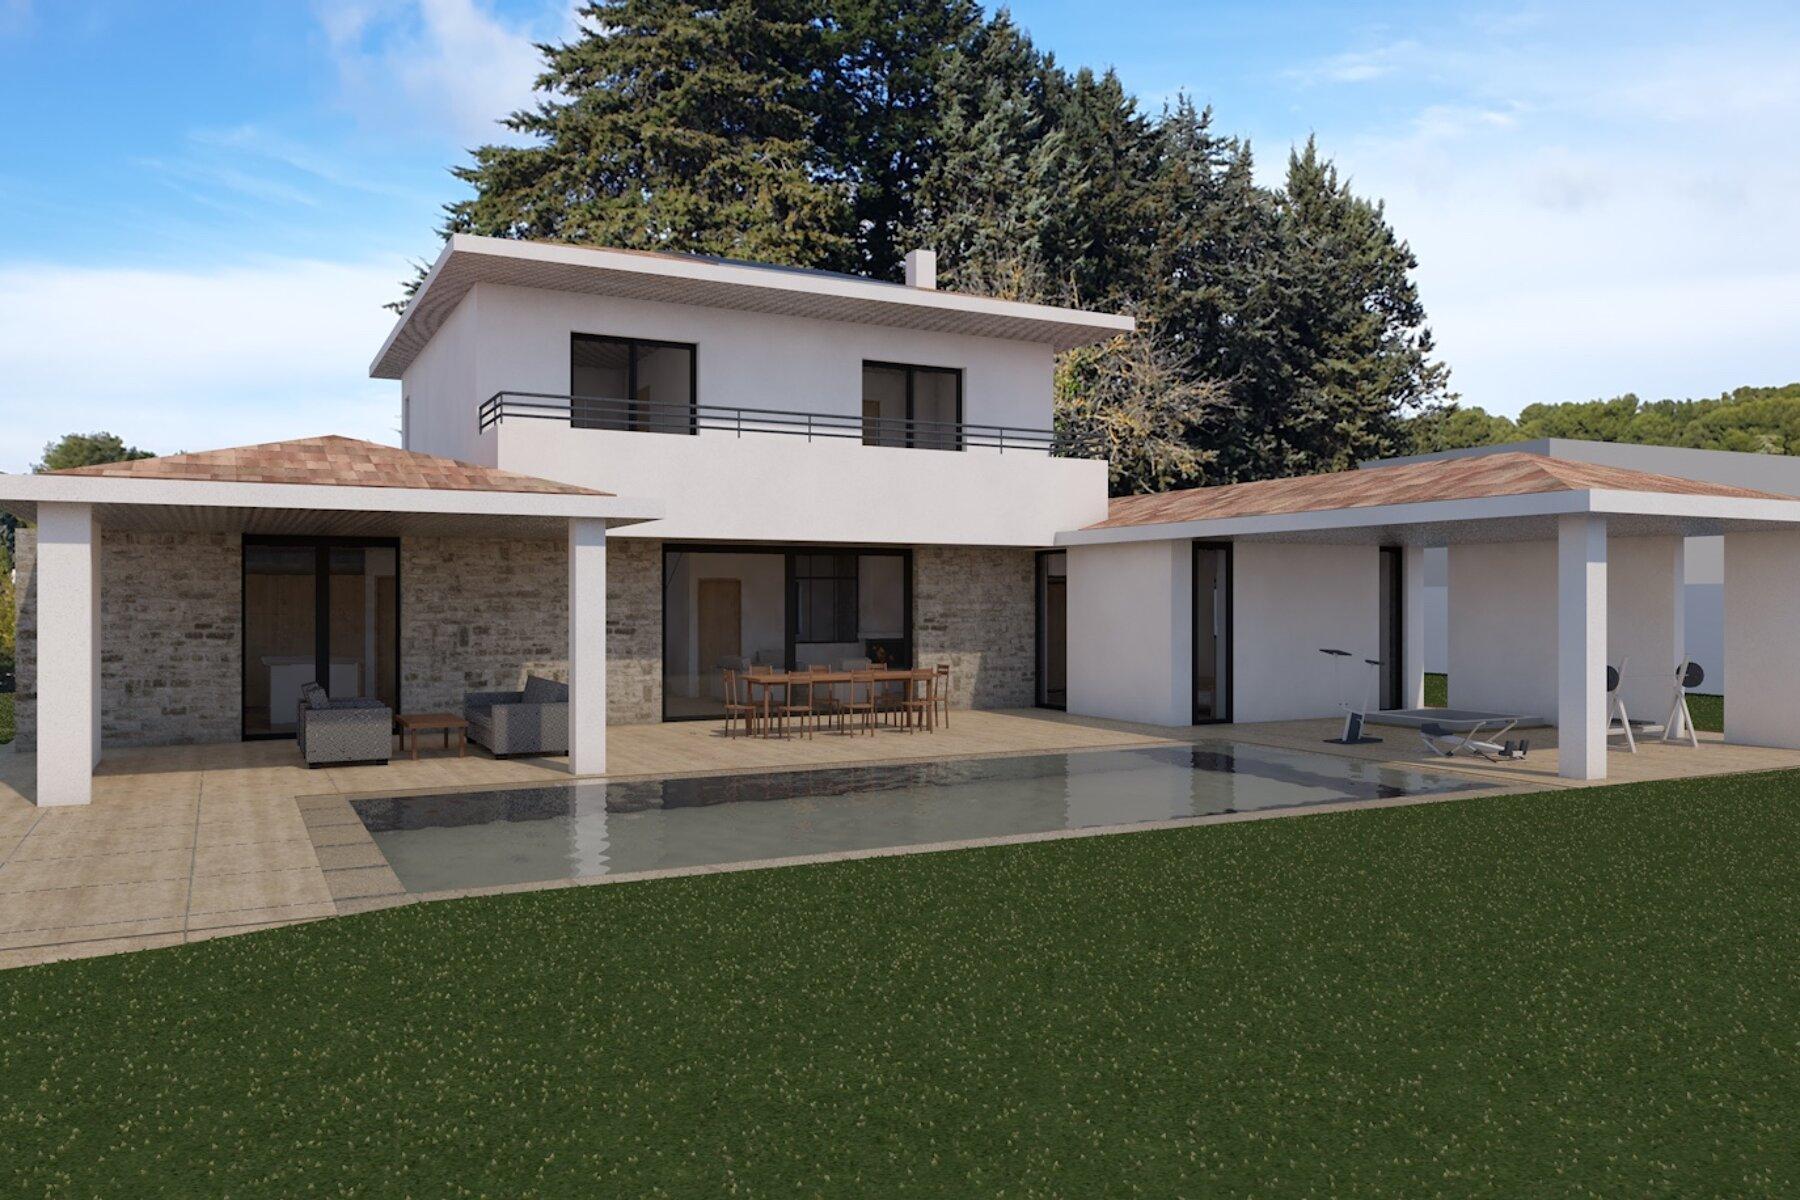 Photo Couverture de Luczak-Architecte - Réalisations architecte Archidvisor